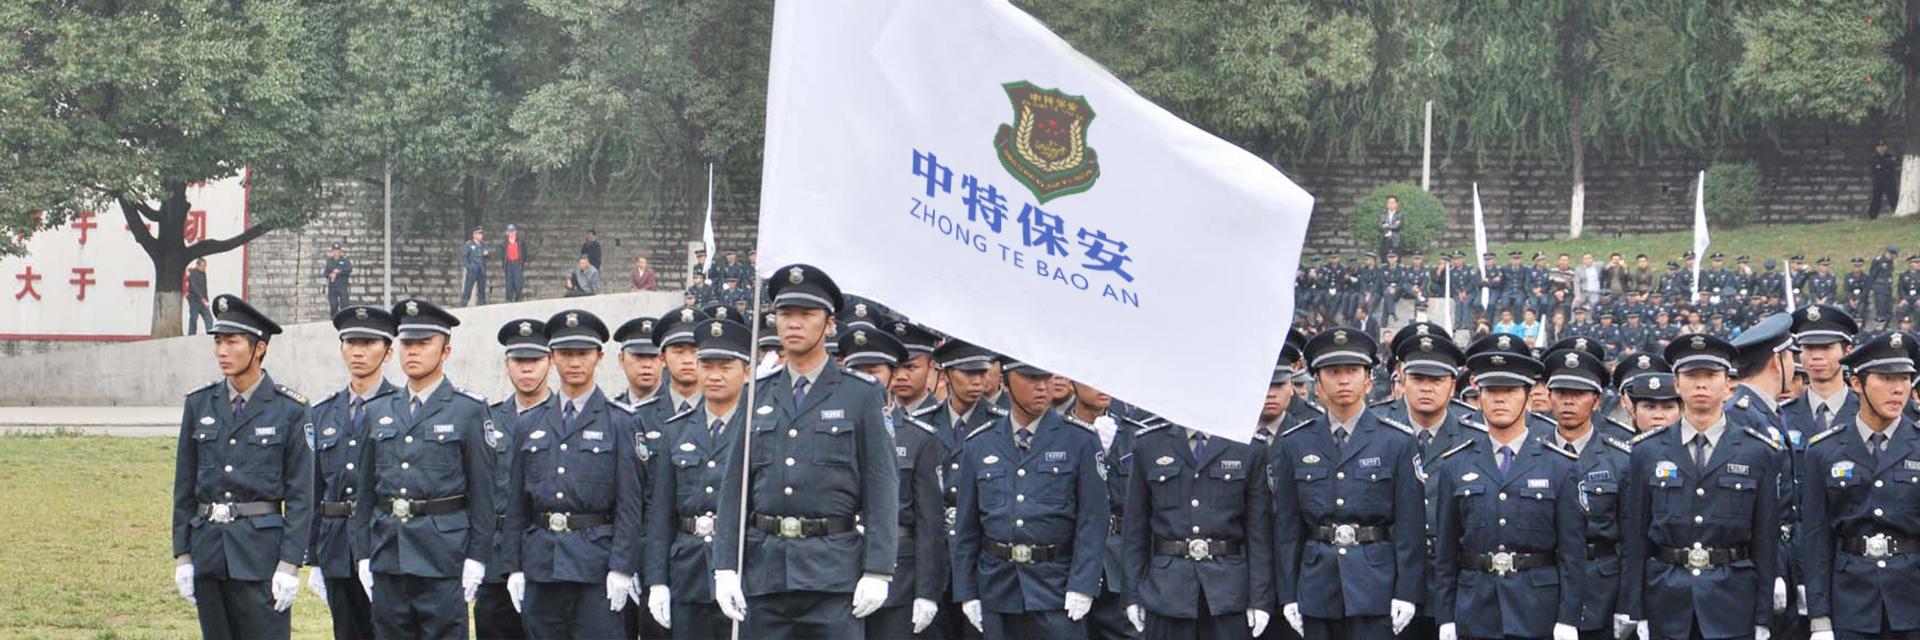 贵州中特保安服务有限公司